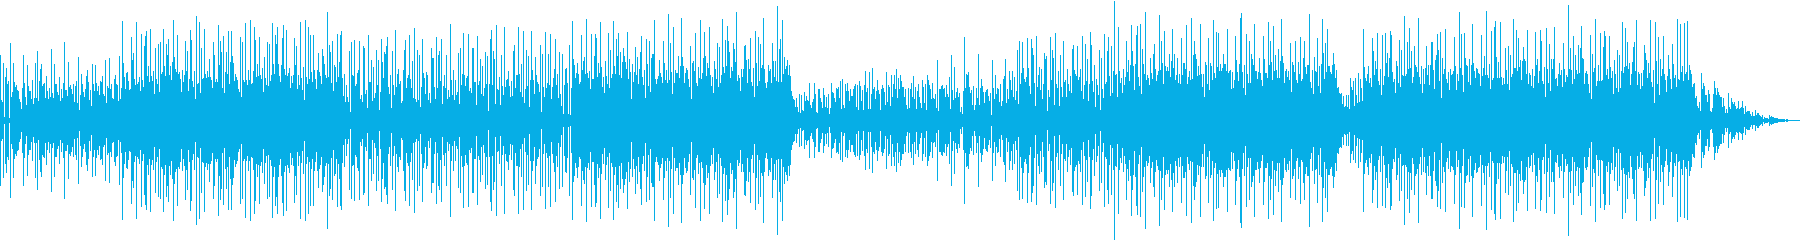 オシャレさ重視の和風リズムミュージックの再生済みの波形